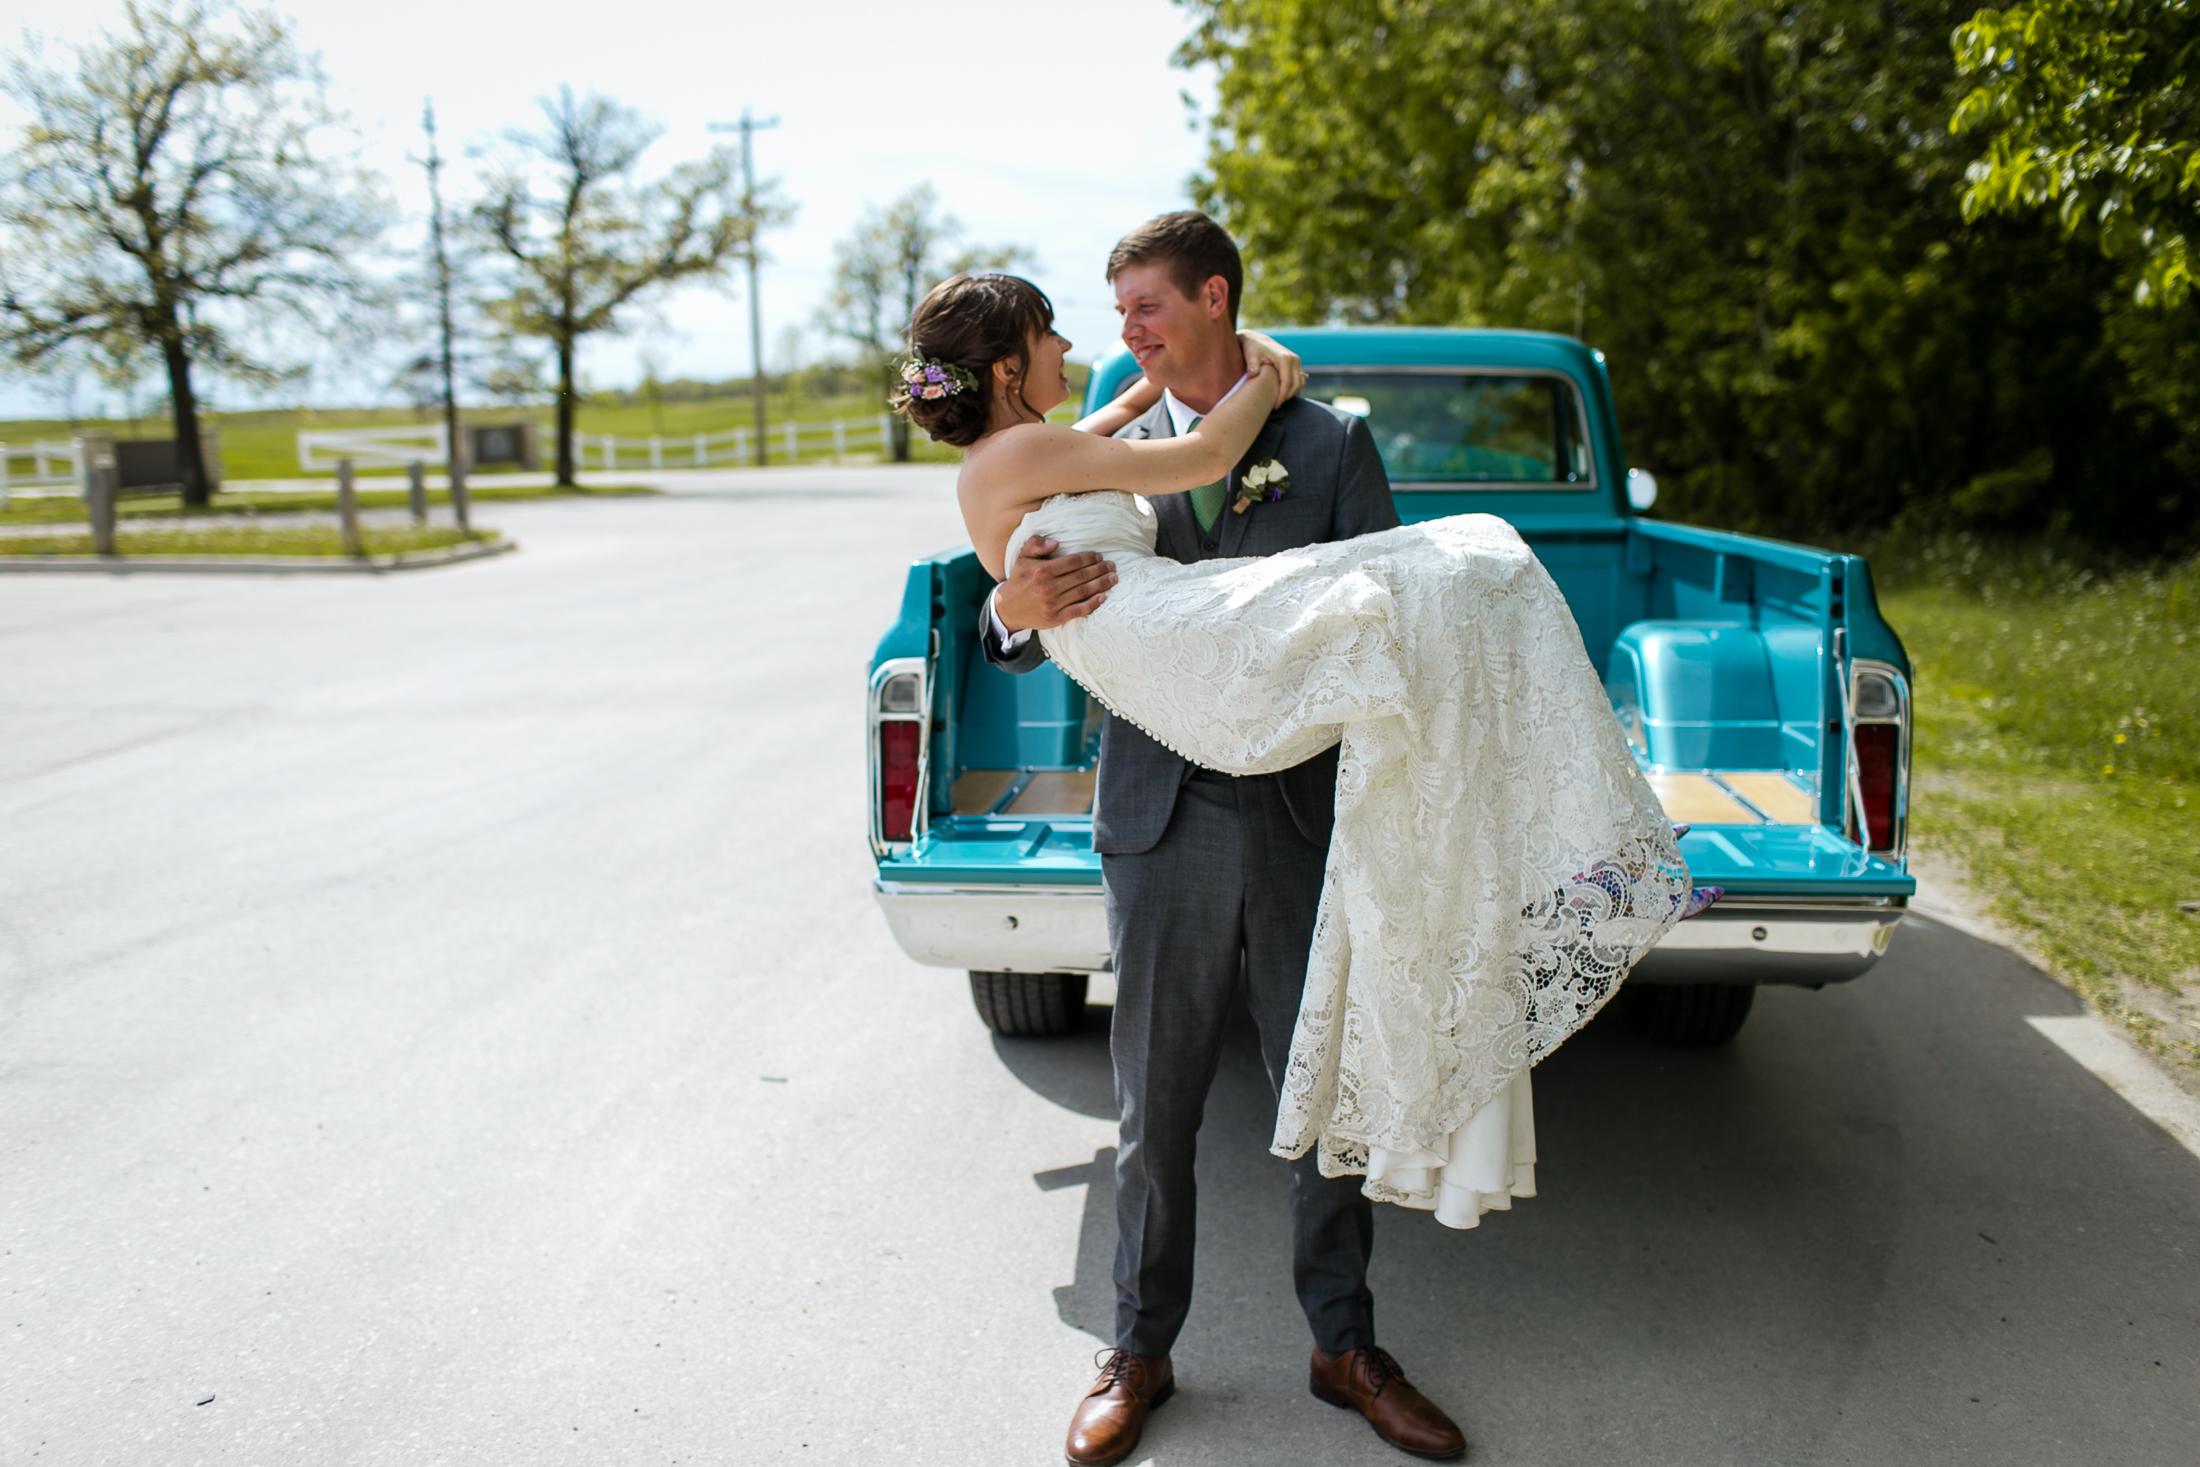 Cheryl&Kyle_Wedding_Reanne_050.jpg